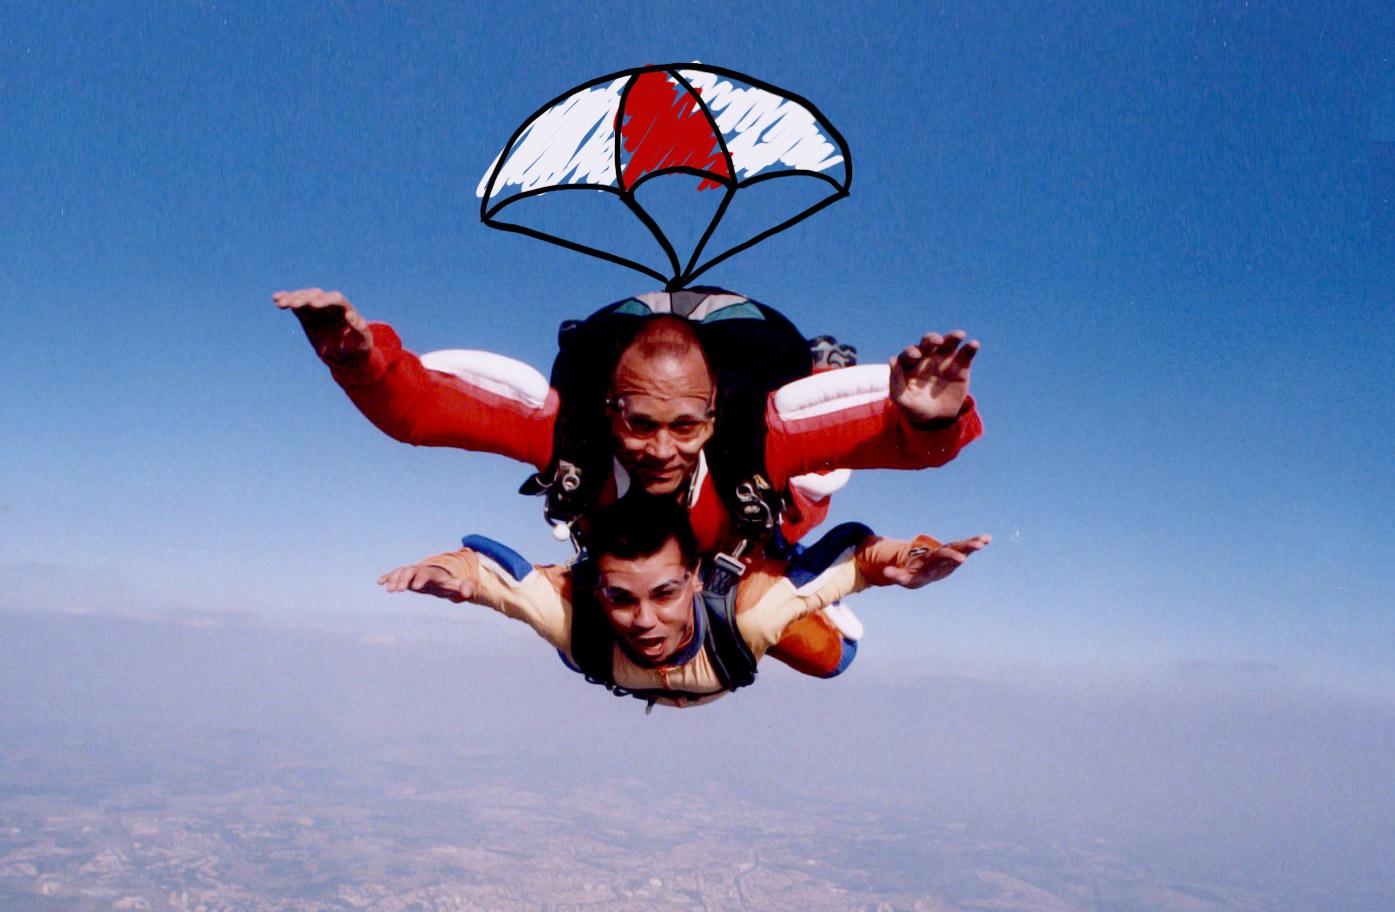 parachute-ajaber-blog